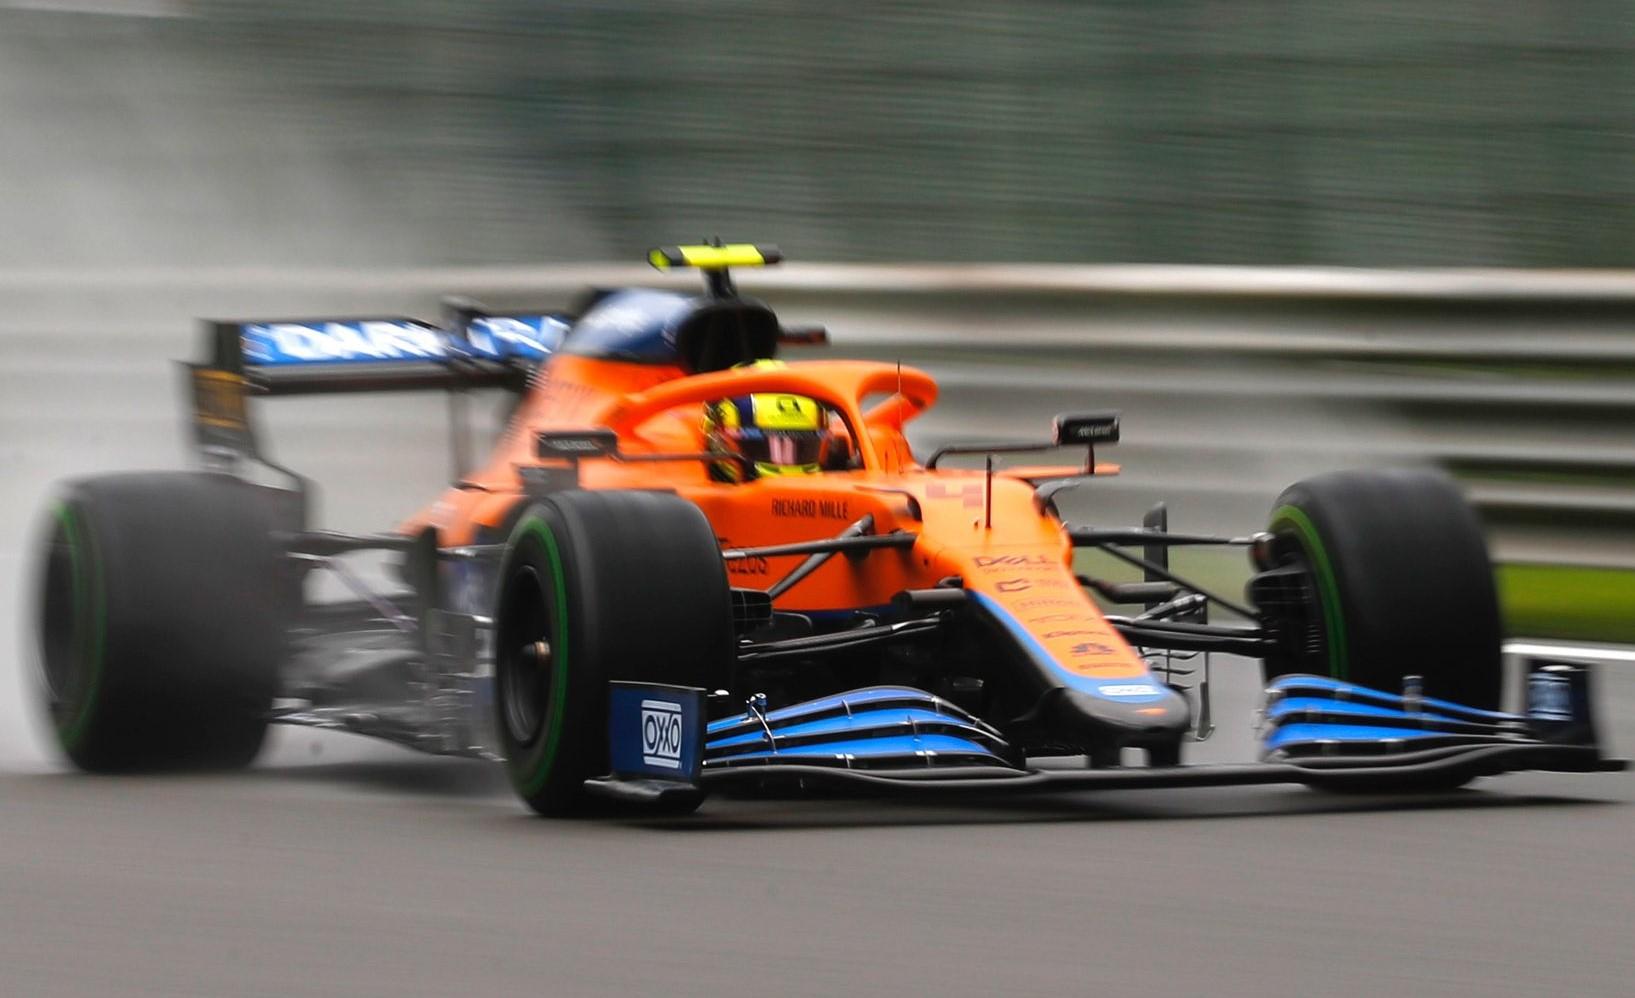 Lando Norris penalizzato di cinque posizioni dopo l'incidente in Q3.